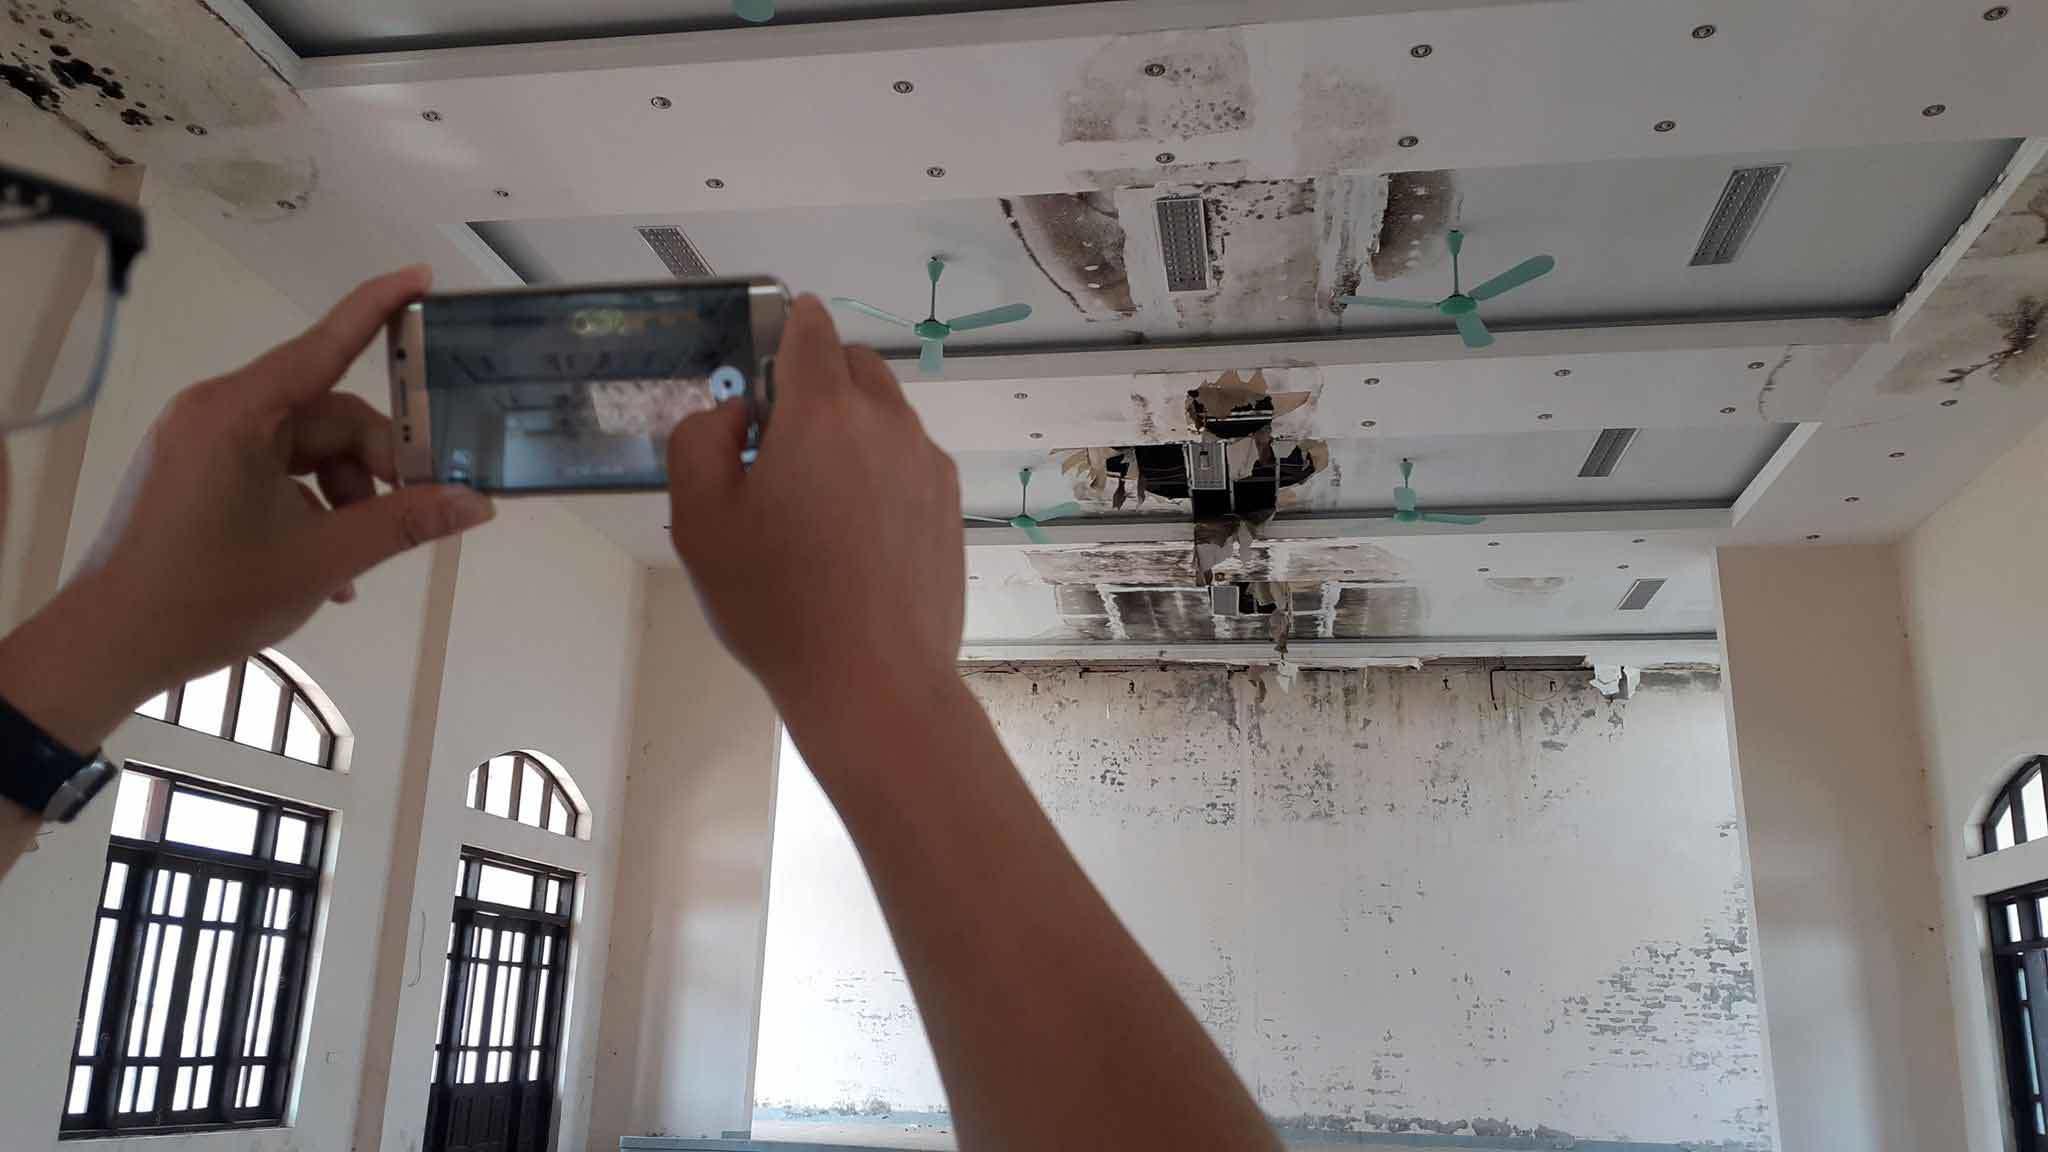 công trình bỏ hoang,Hà Tĩnh